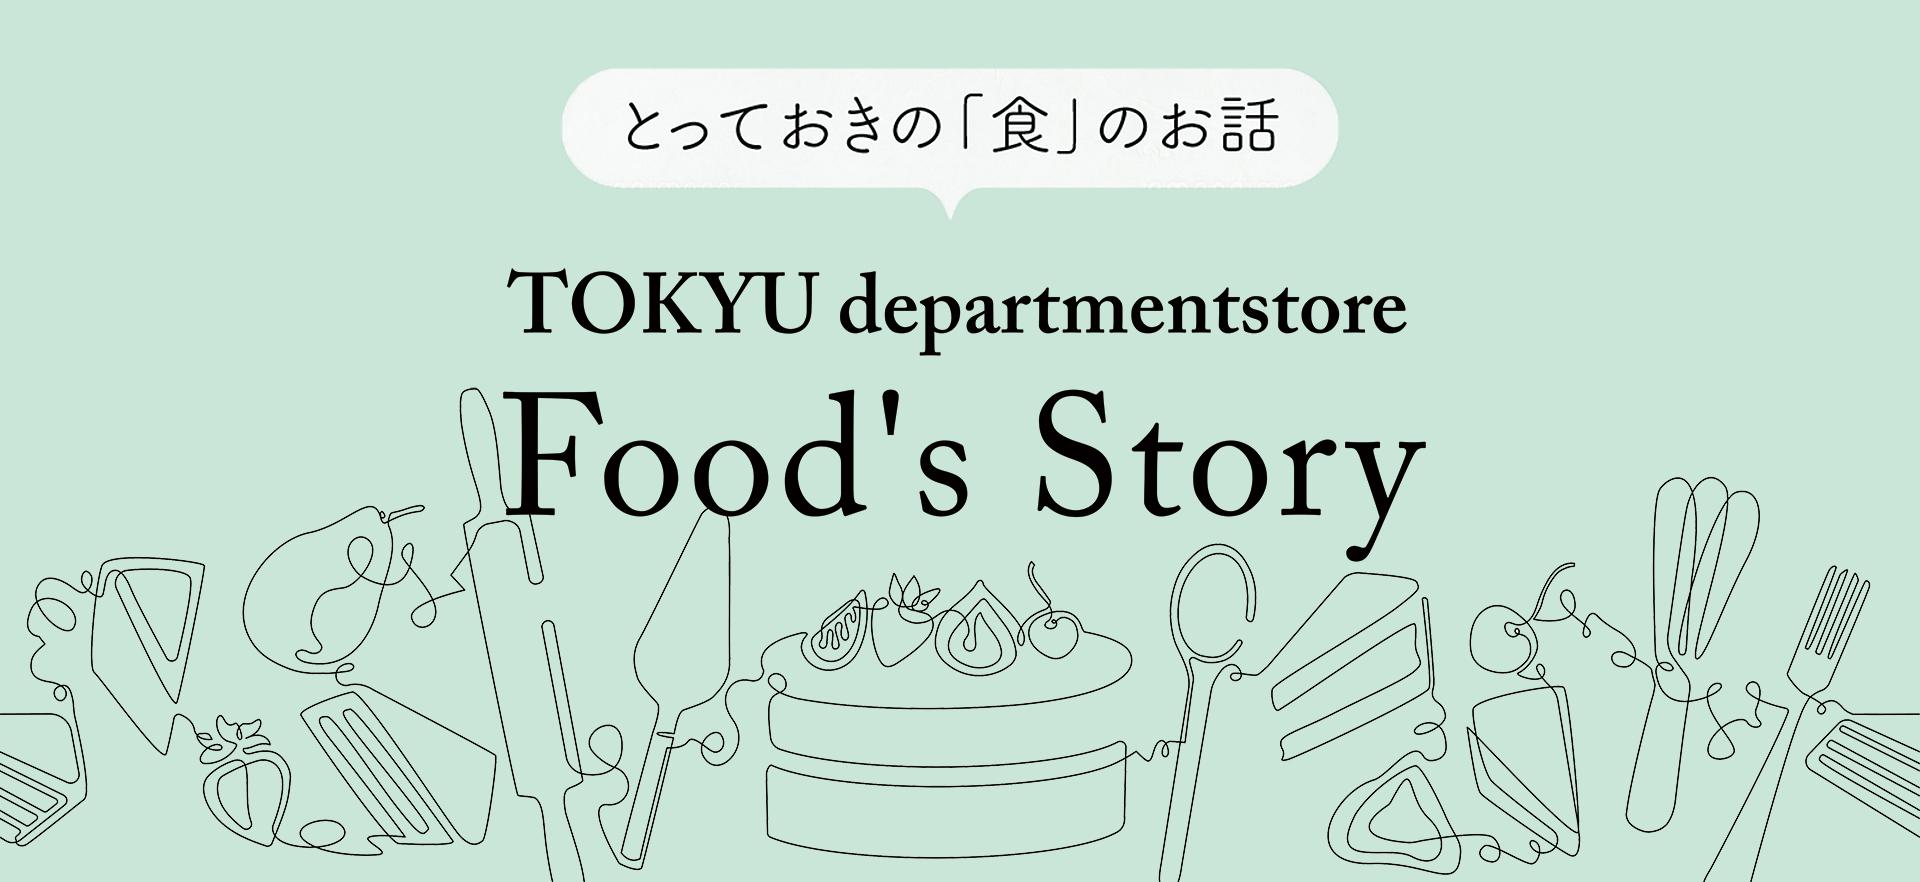 とっておきの「食」のお話 TOKYU departmentstore Food's Story